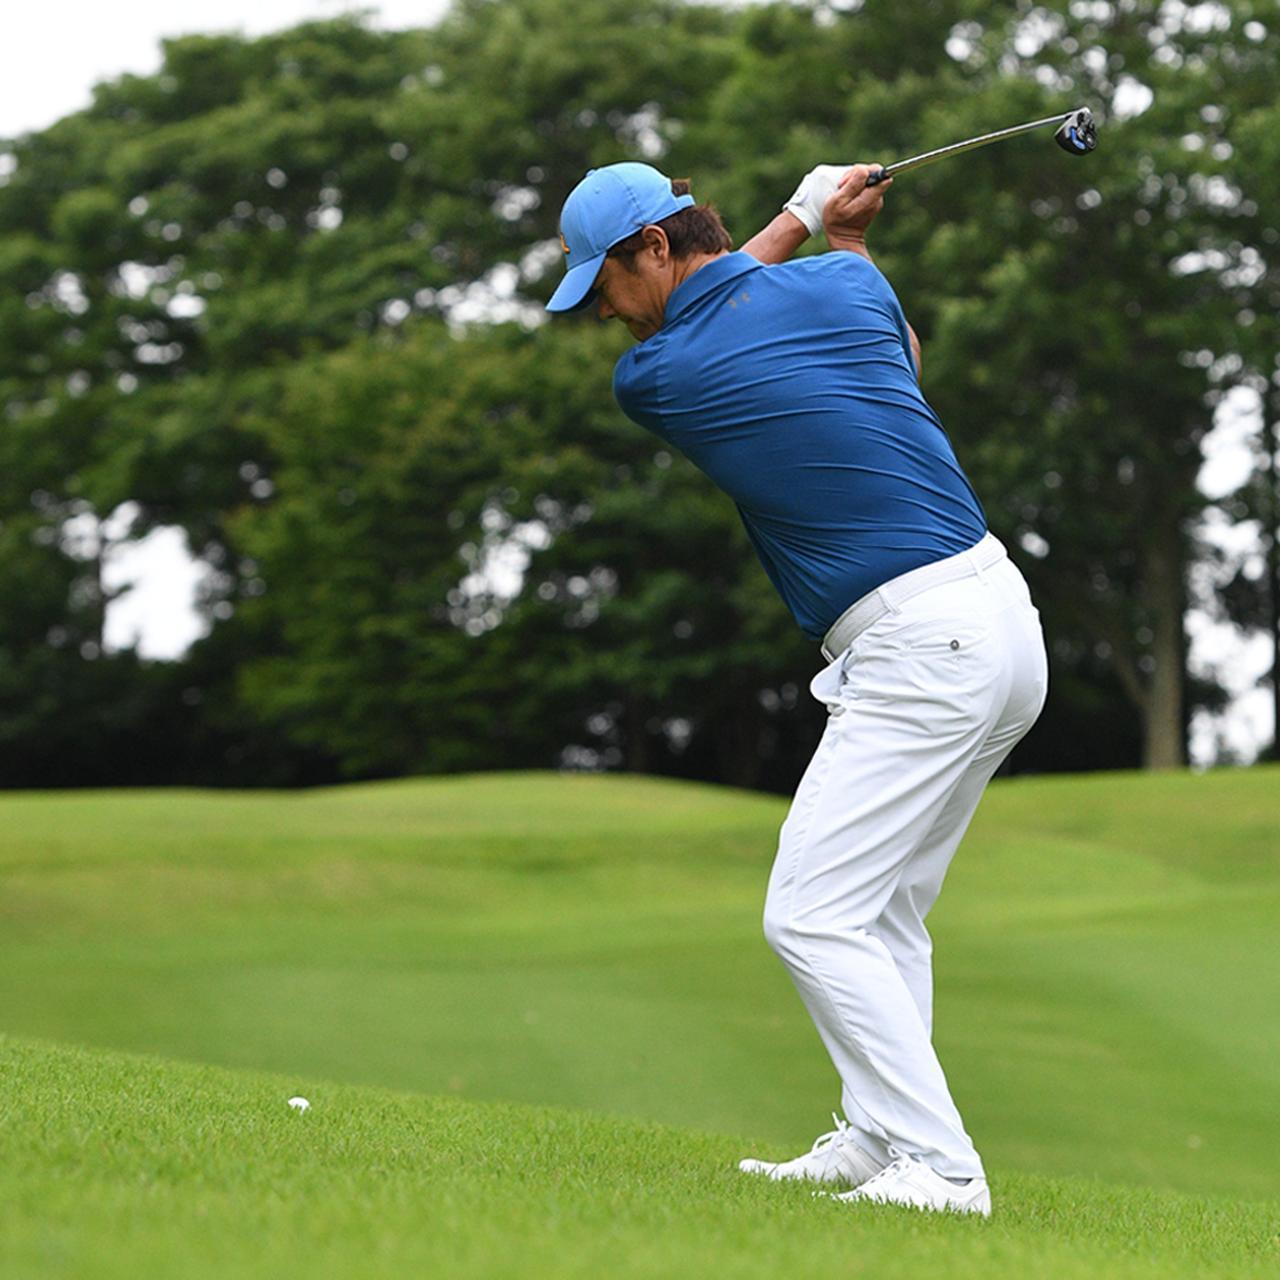 画像2: 【傾斜地アイアン】夏ゴルフ、つま先上がりの斜面ラフに止まった…。さあ、どう打つ?(前編)